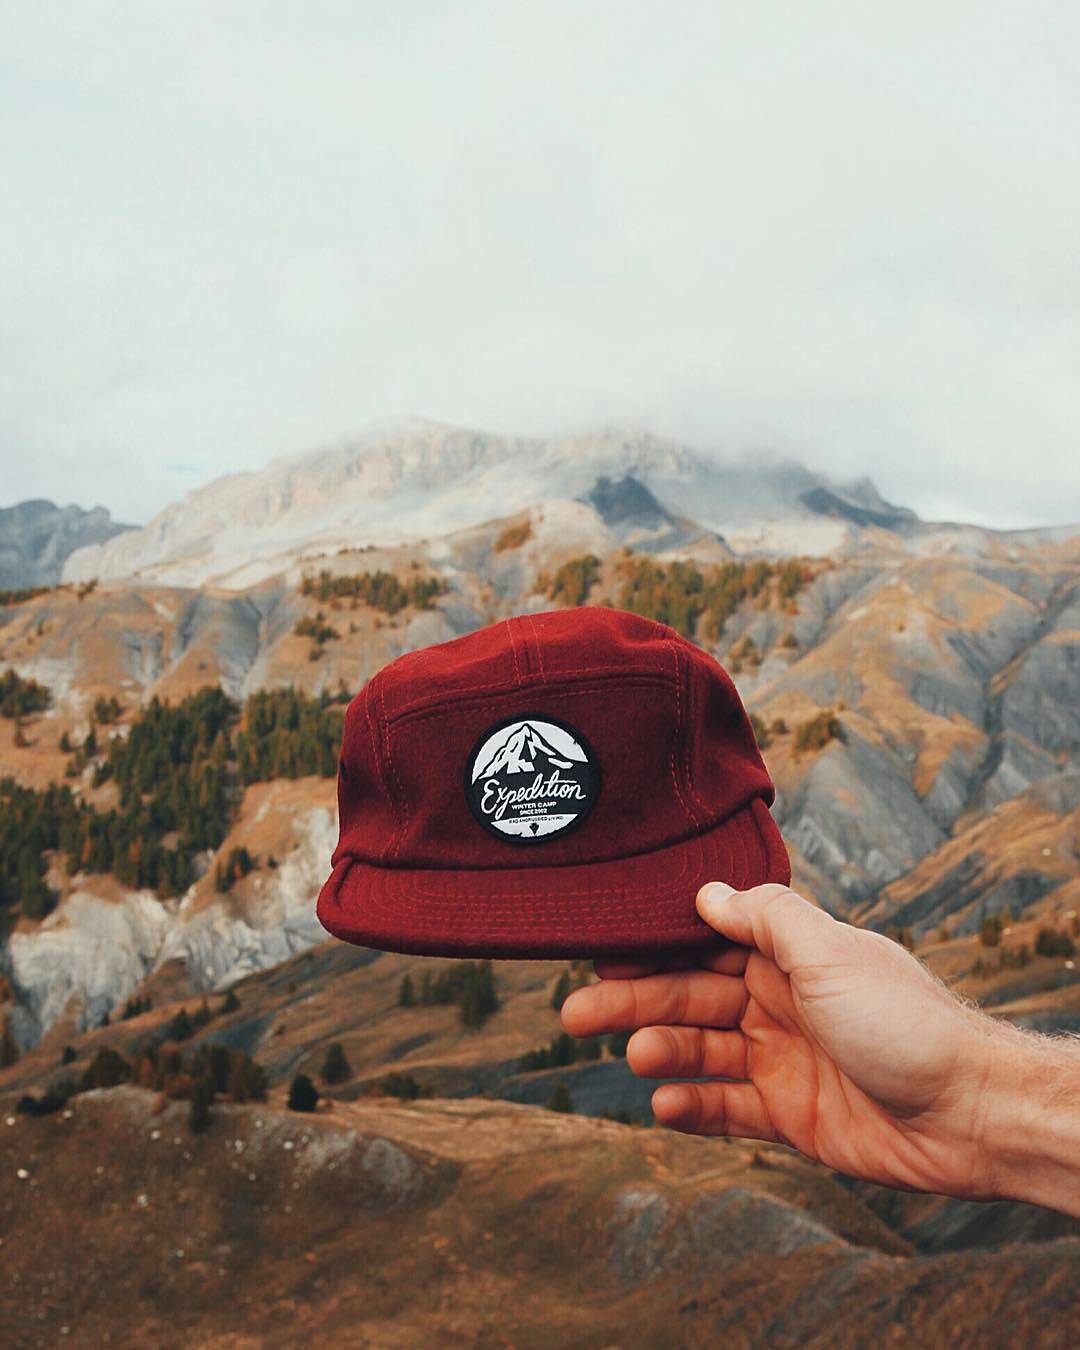 Make time for adventure. Haz tiempo para la aventura. #ForeverFun | Photo: @arnaudteicher #neff #neffheadwear #neffargentina